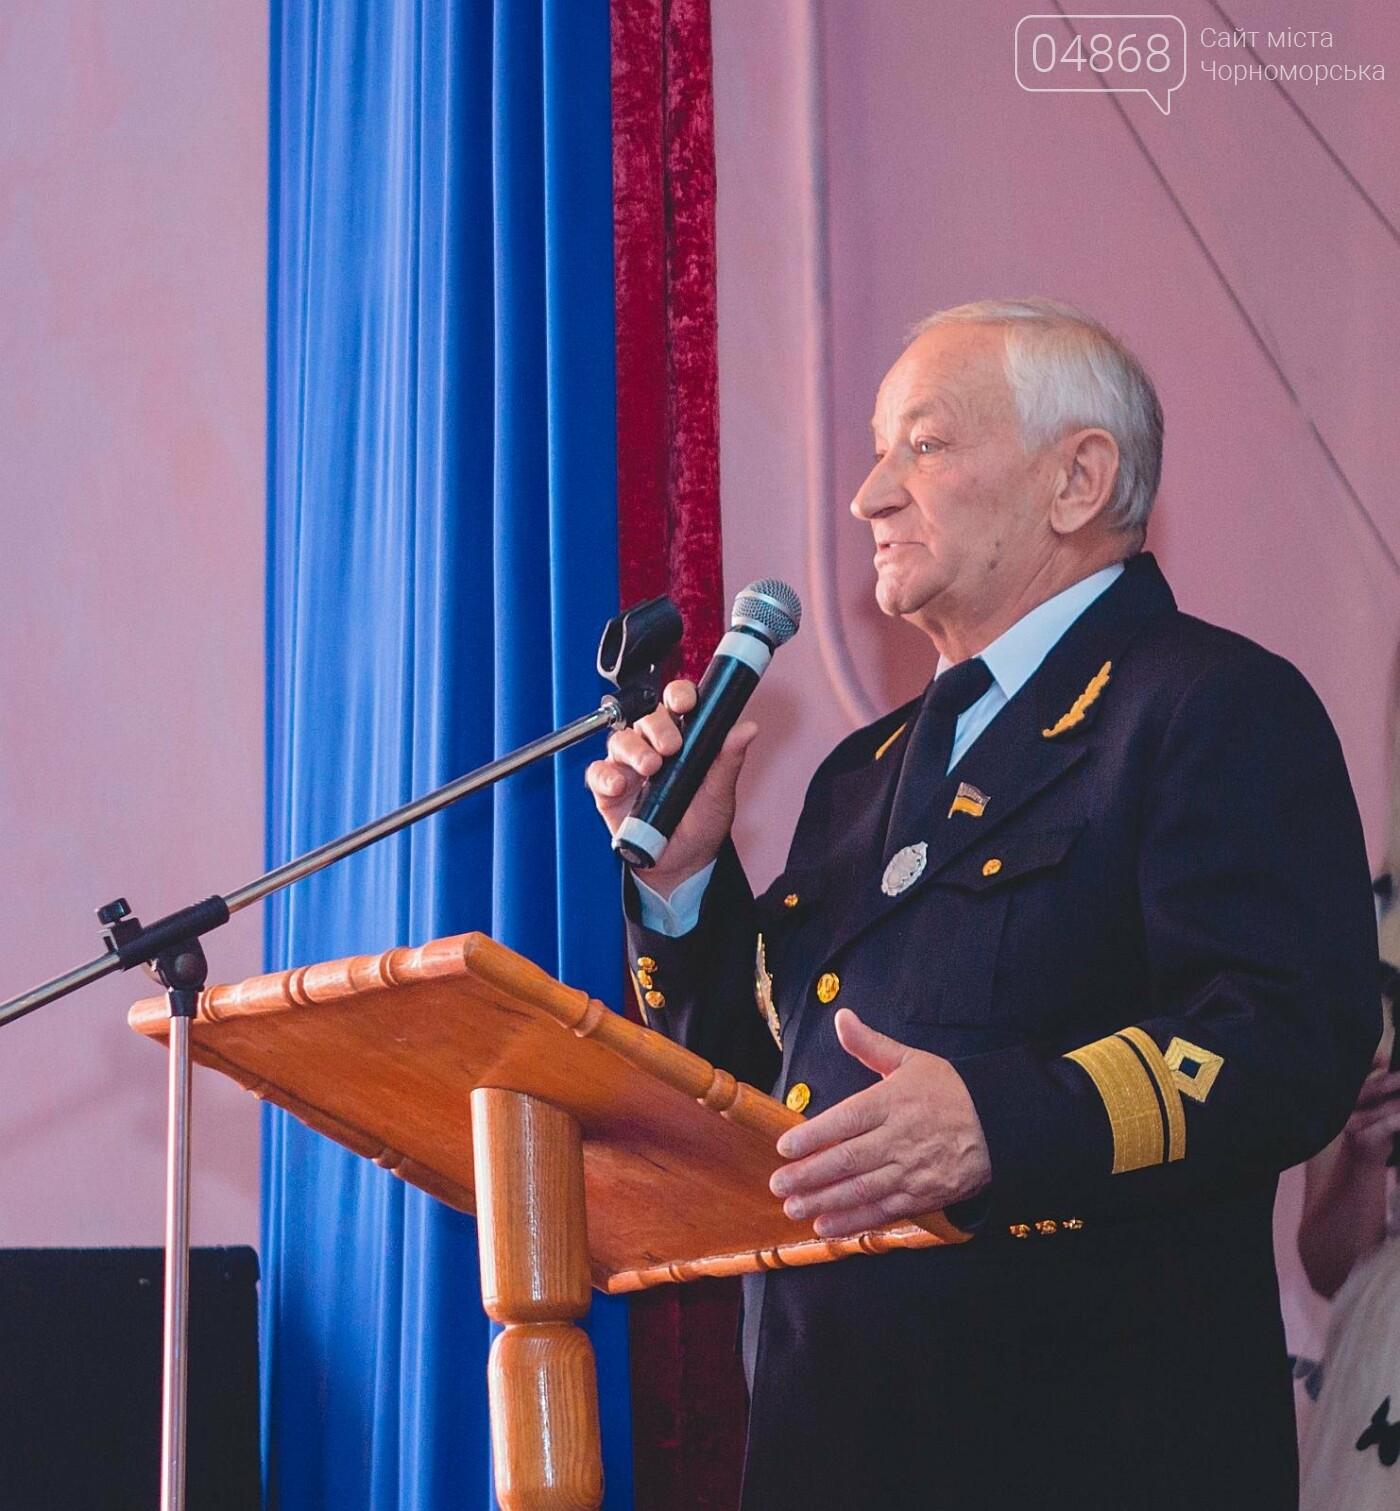 Черноморский морской колледж отпраздновал своё 55-летие, фото-13